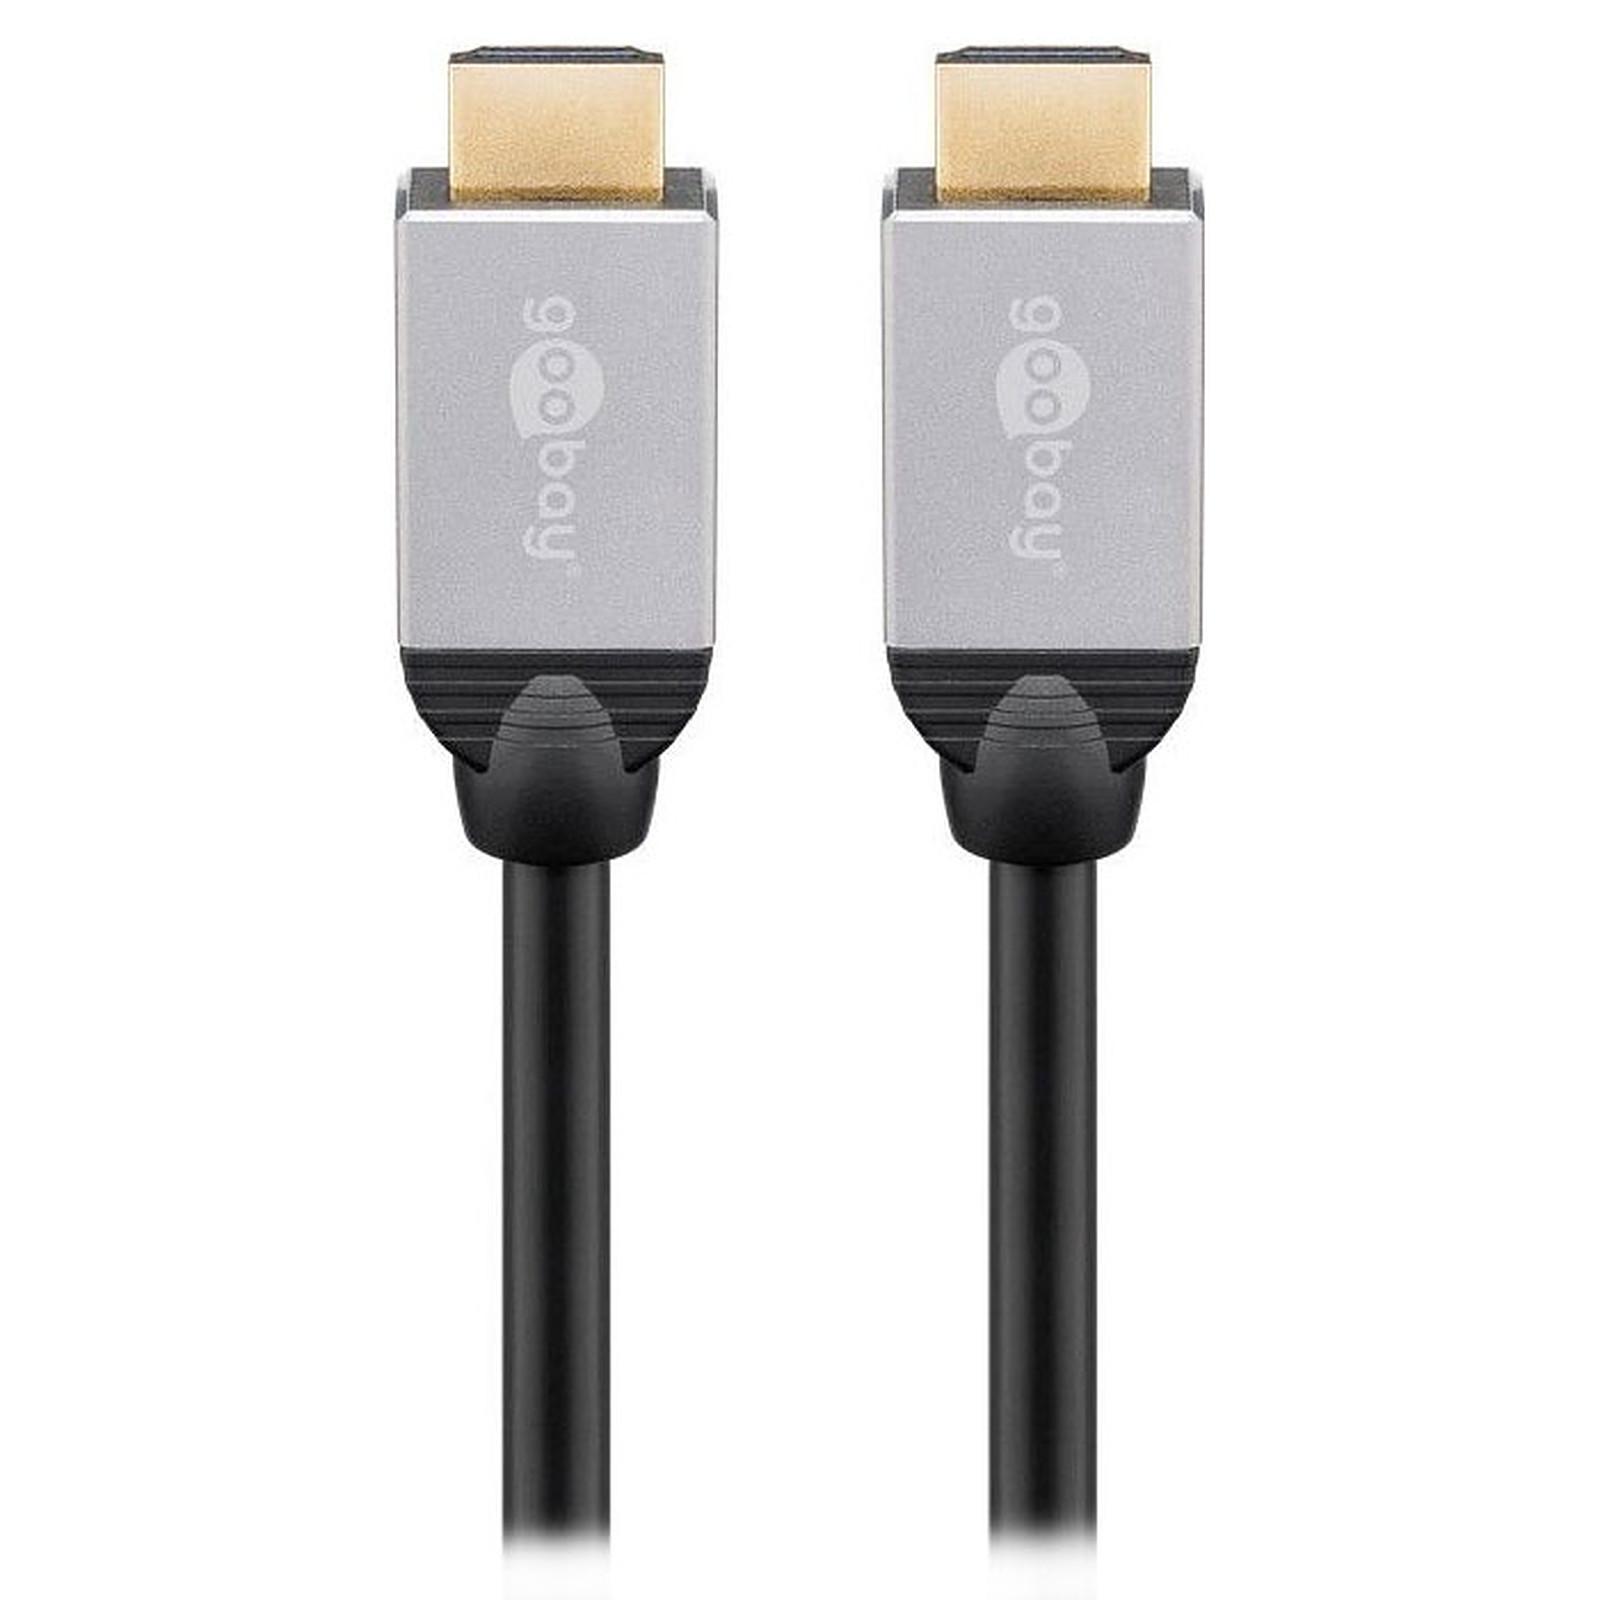 Goobay Plus Câble HDMI 2.0 4K (3 m)